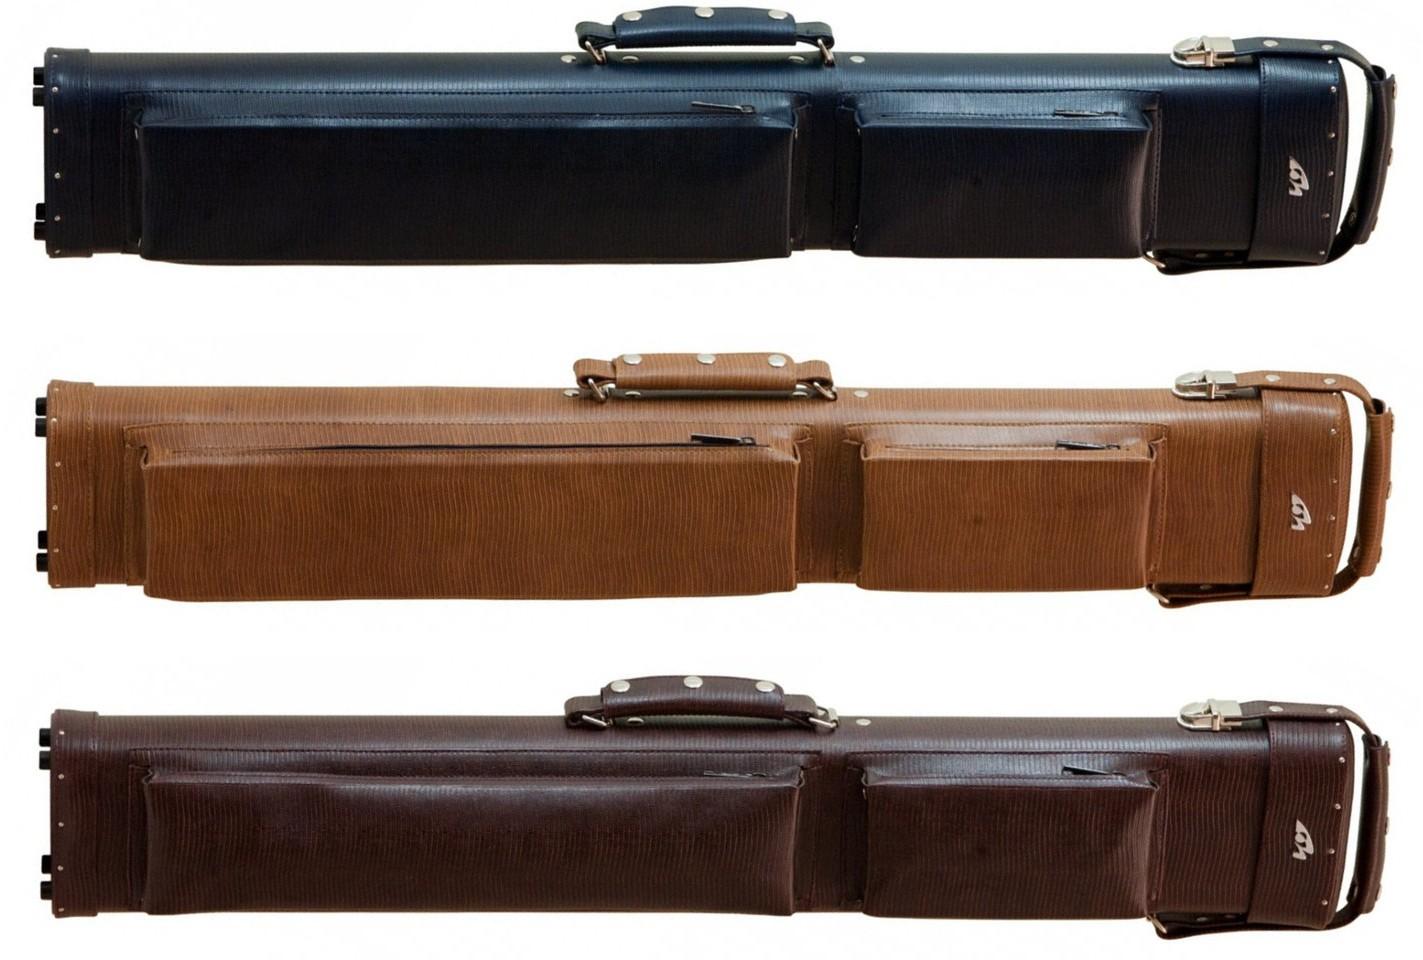 Miki Mezz Co., Ltd. Futerał Mezz JPC-35 na 3 kije i 5 szczytówek - różne kolory